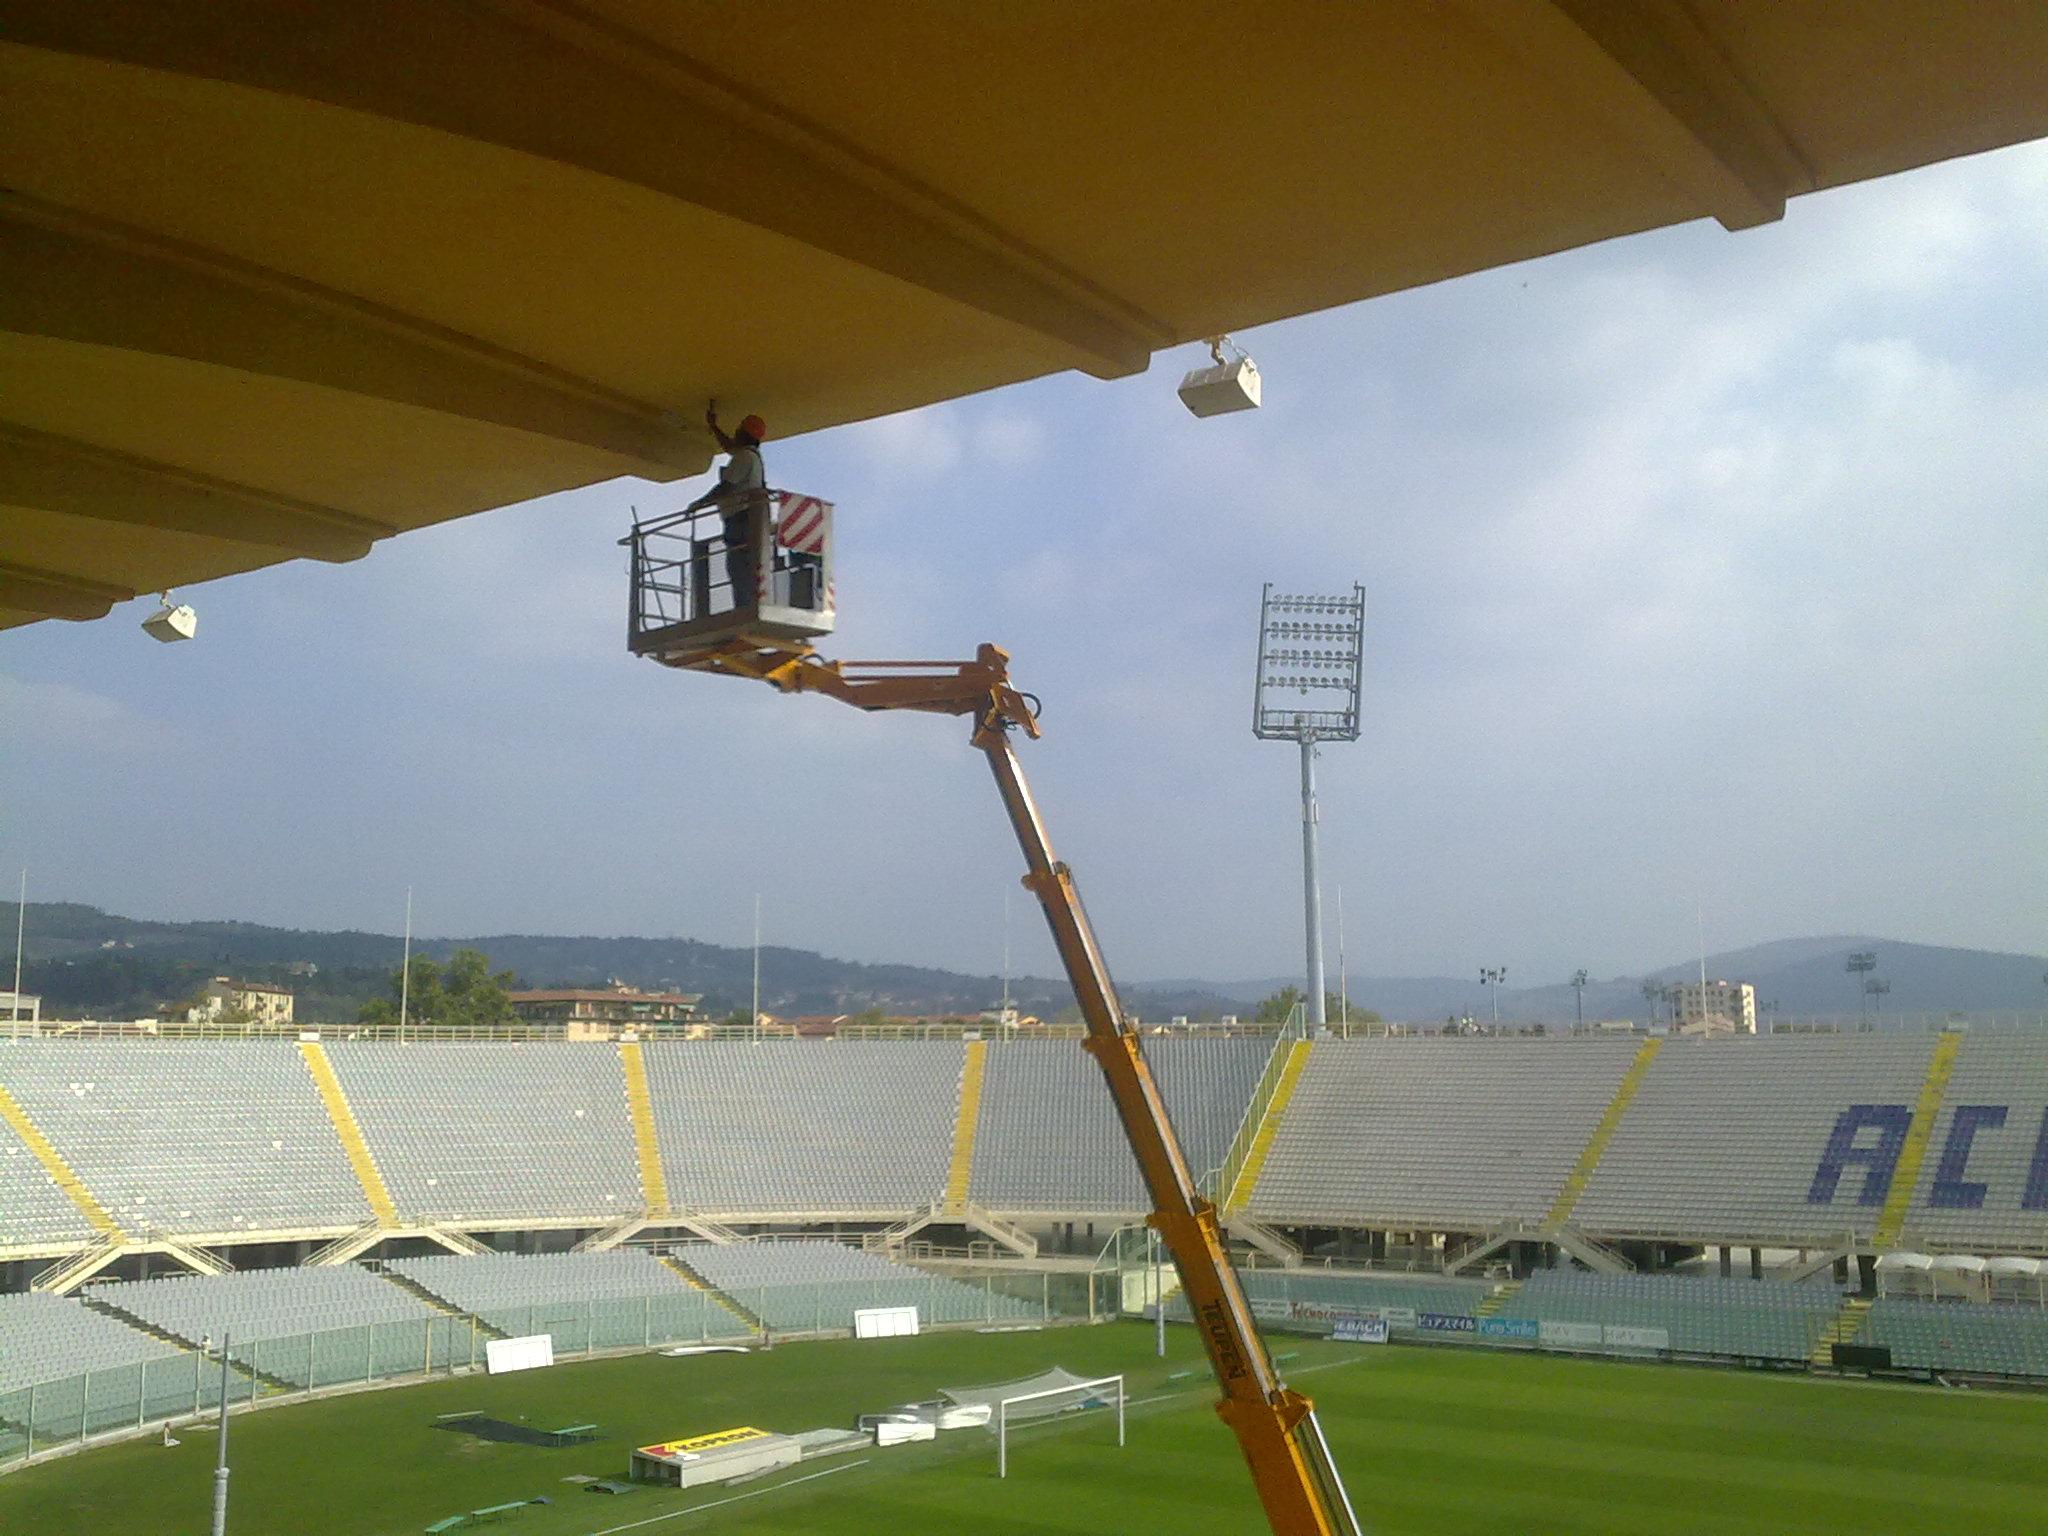 COMUNE DI FIRENZE - Stadio comunale Artemio Franchi. Intervento propedeutico alla verifica di idoneità statica.